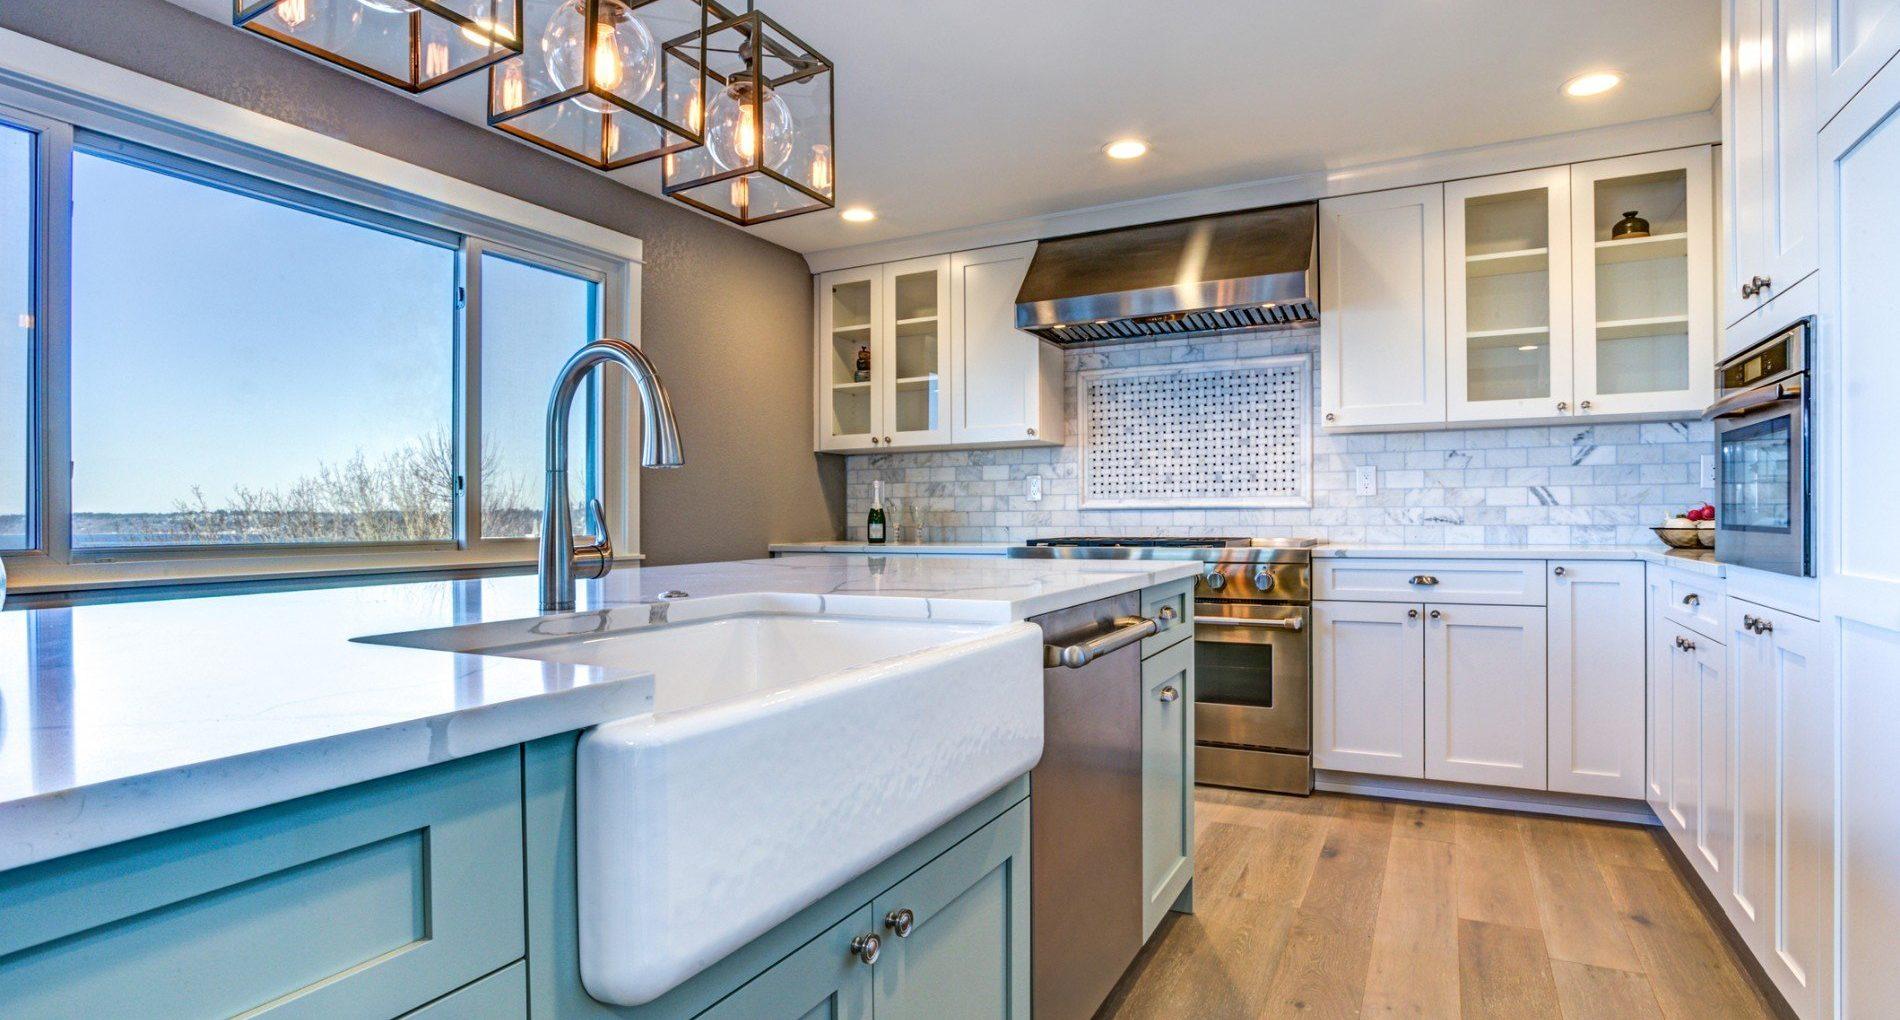 Bringing Blue into Your South Etobicoke Kitchen